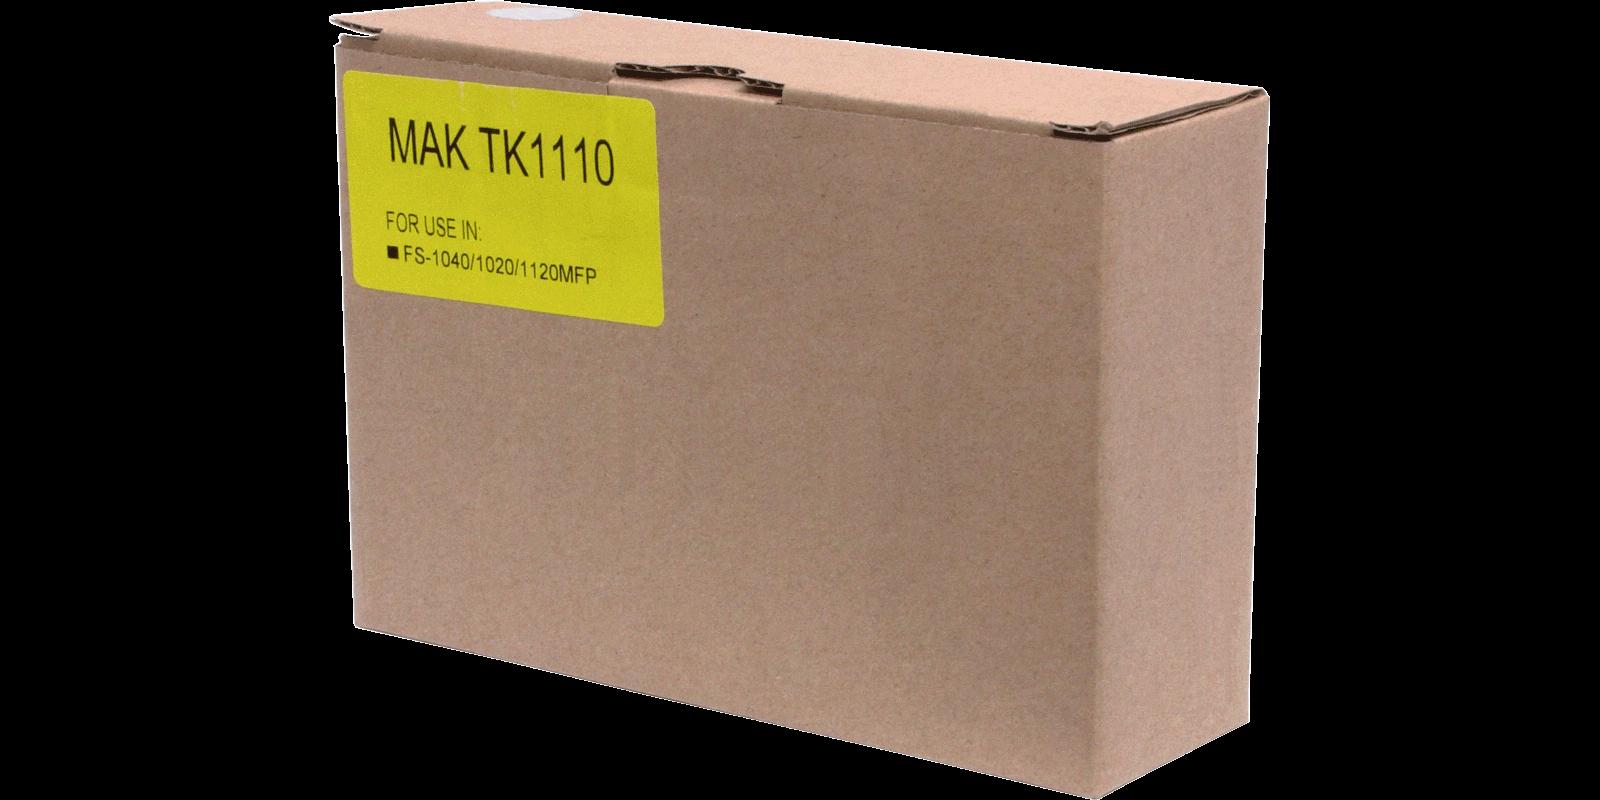 Картридж Туба MAK© TK-1110 (1T02M50NXV) черный (black), чип в комплекте, до 2500 стр.